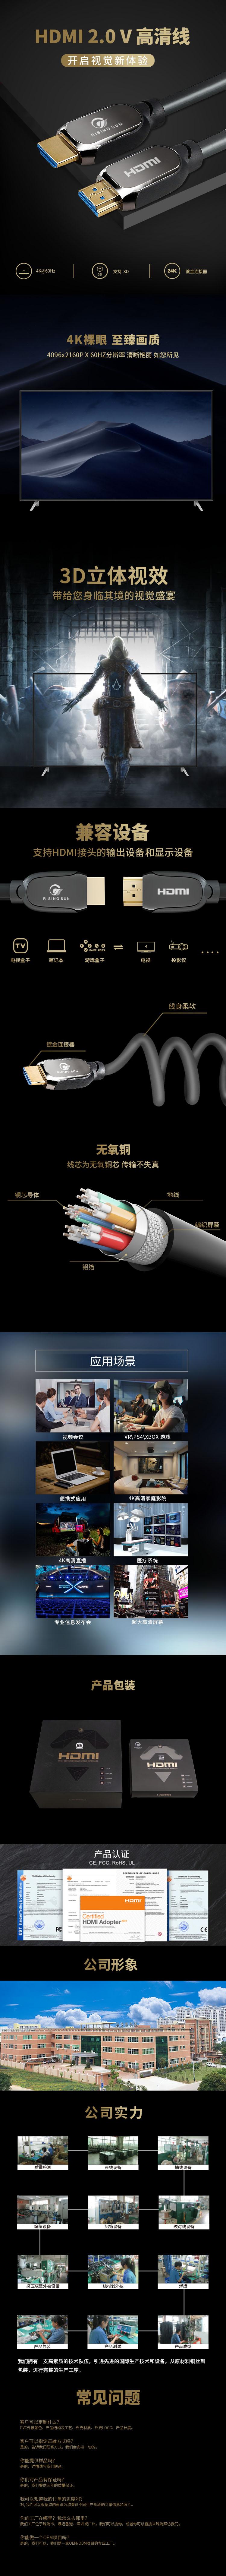 金属灰 HDMI 2.0中文 拷贝.jpg